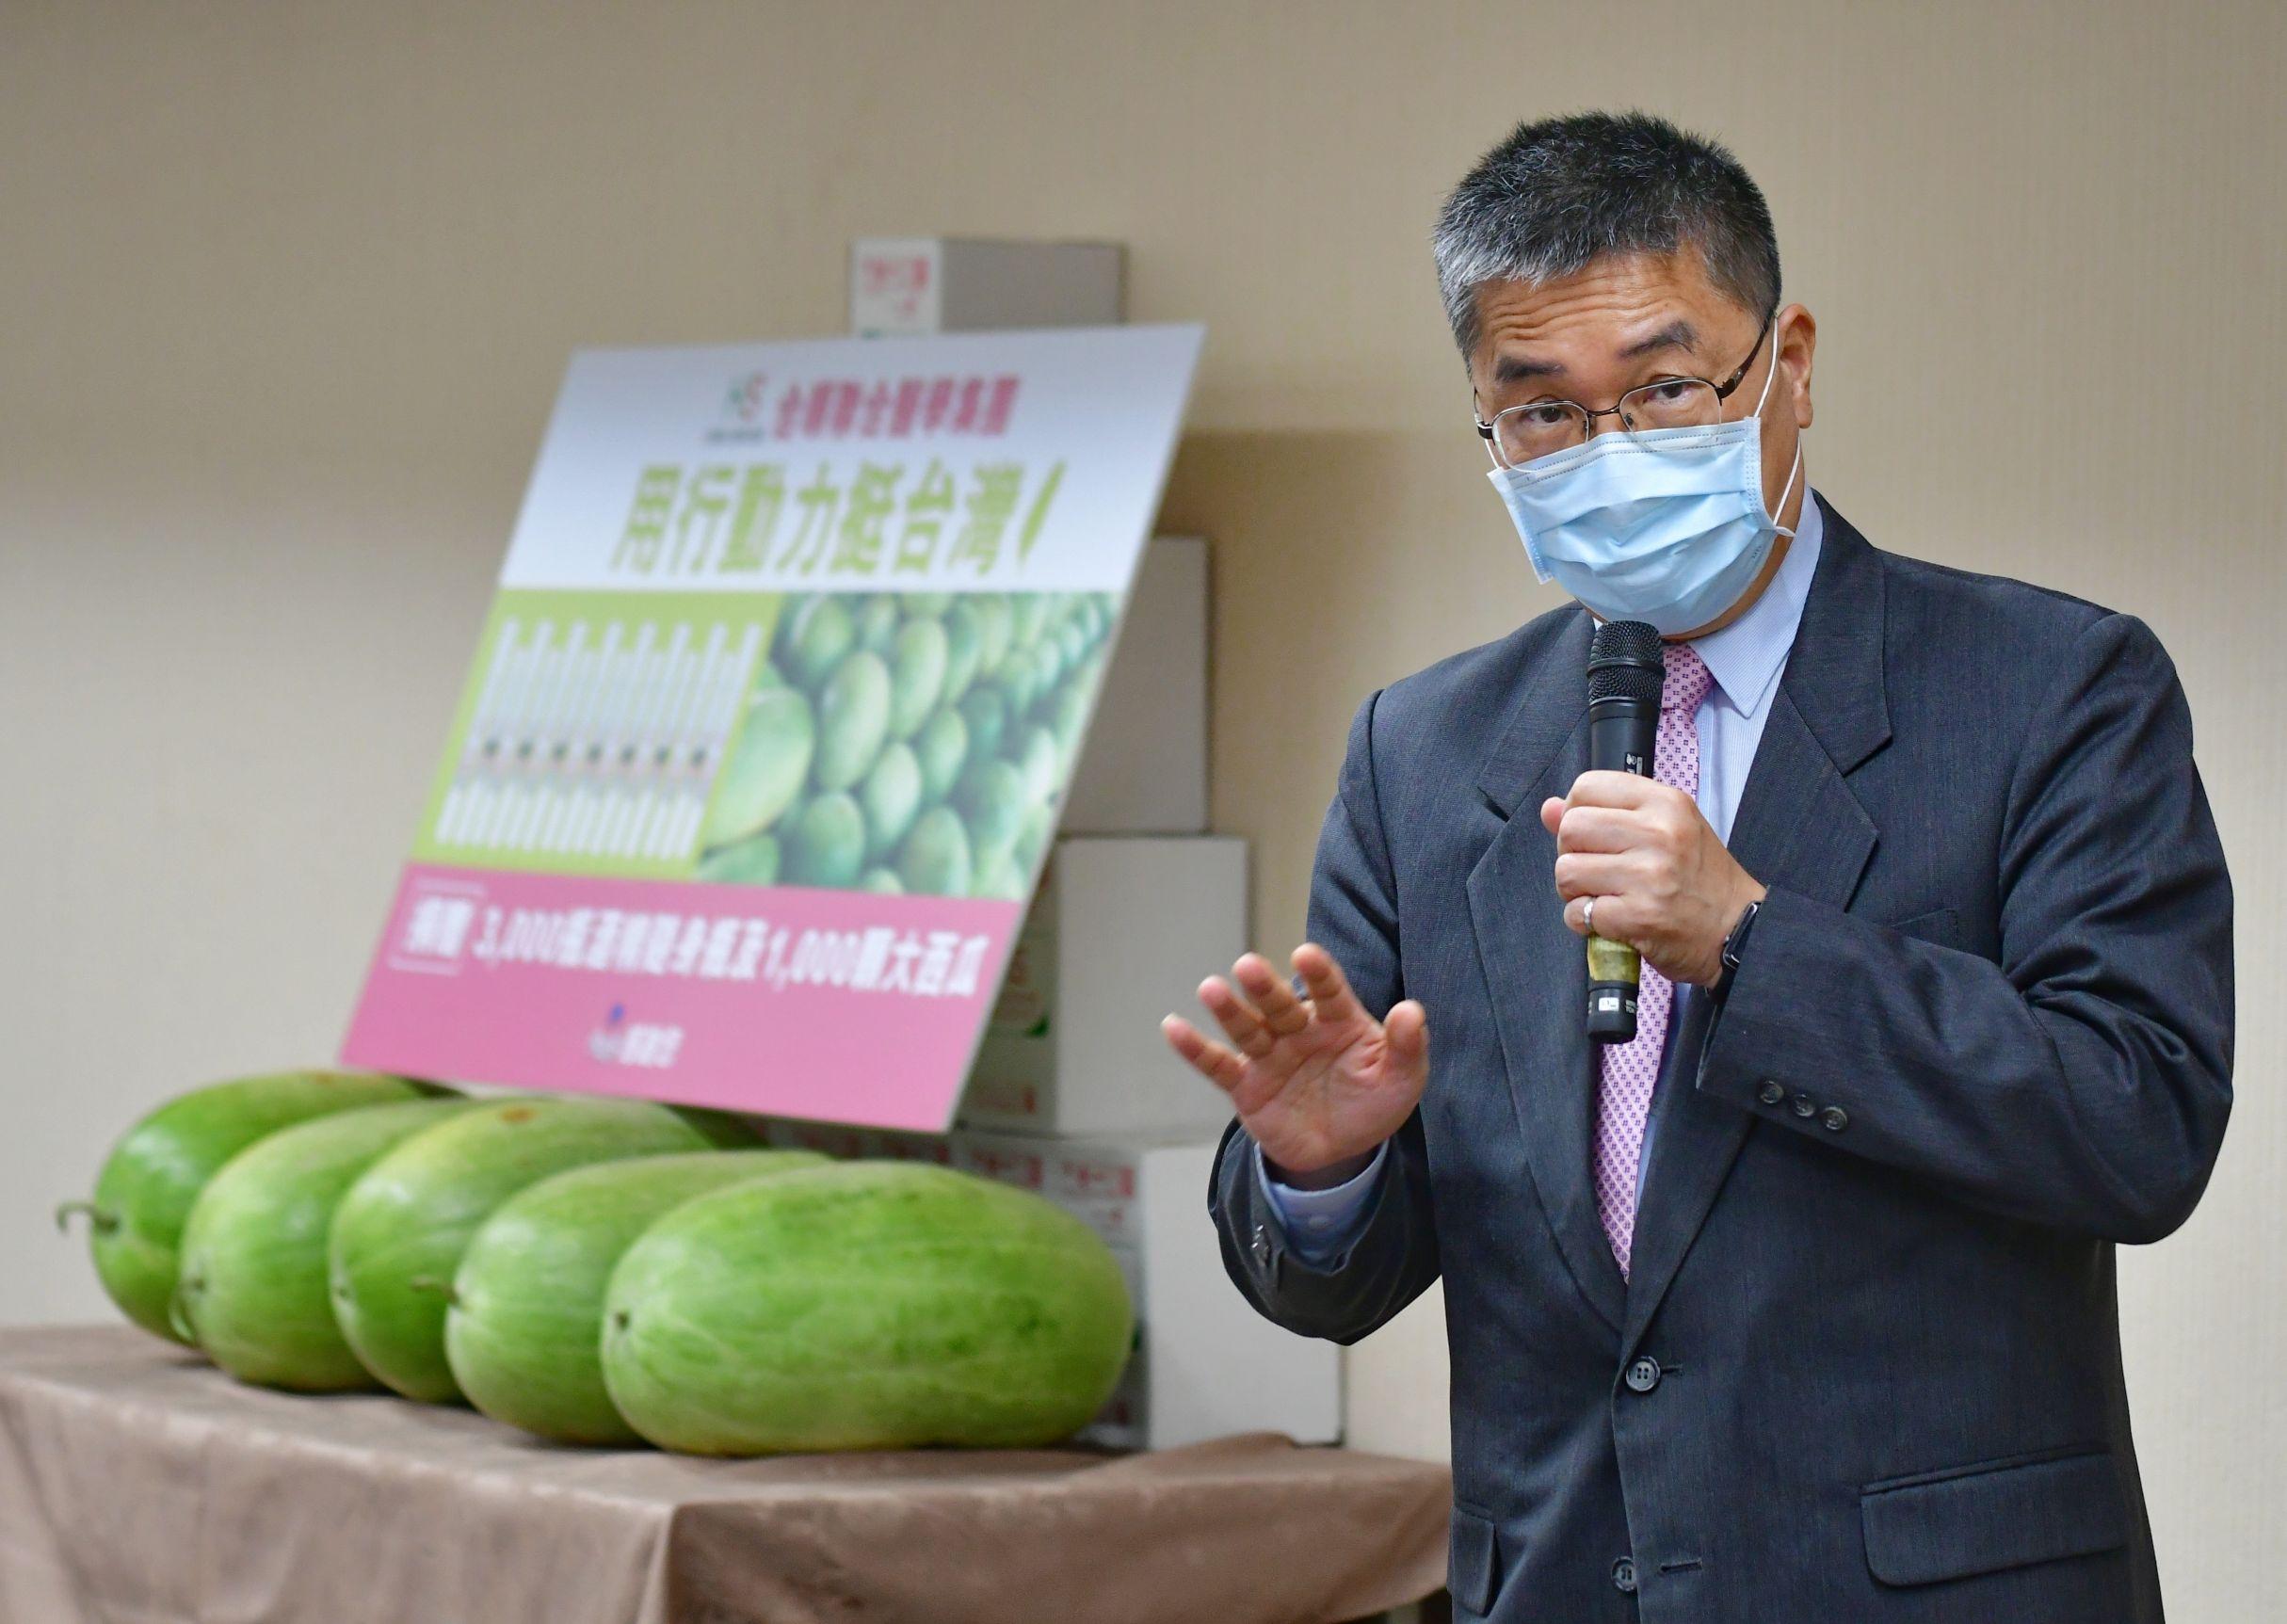 內政部長徐國勇歡迎國人多多購買台灣的農產品,一起振興內需,幫助農民挺過疫情。